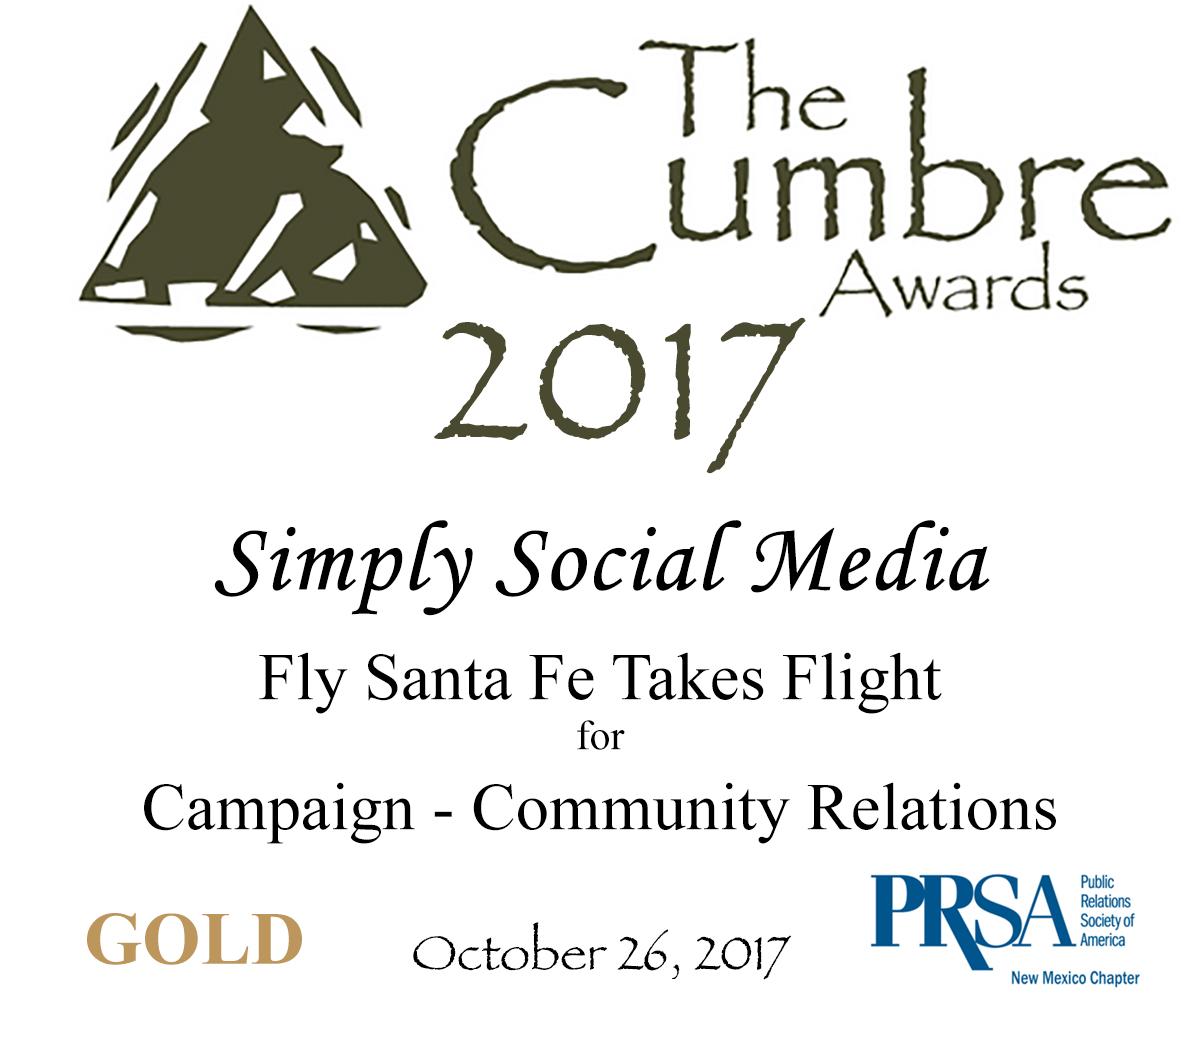 Simply Social Media Cumbre Award 2017.jpg